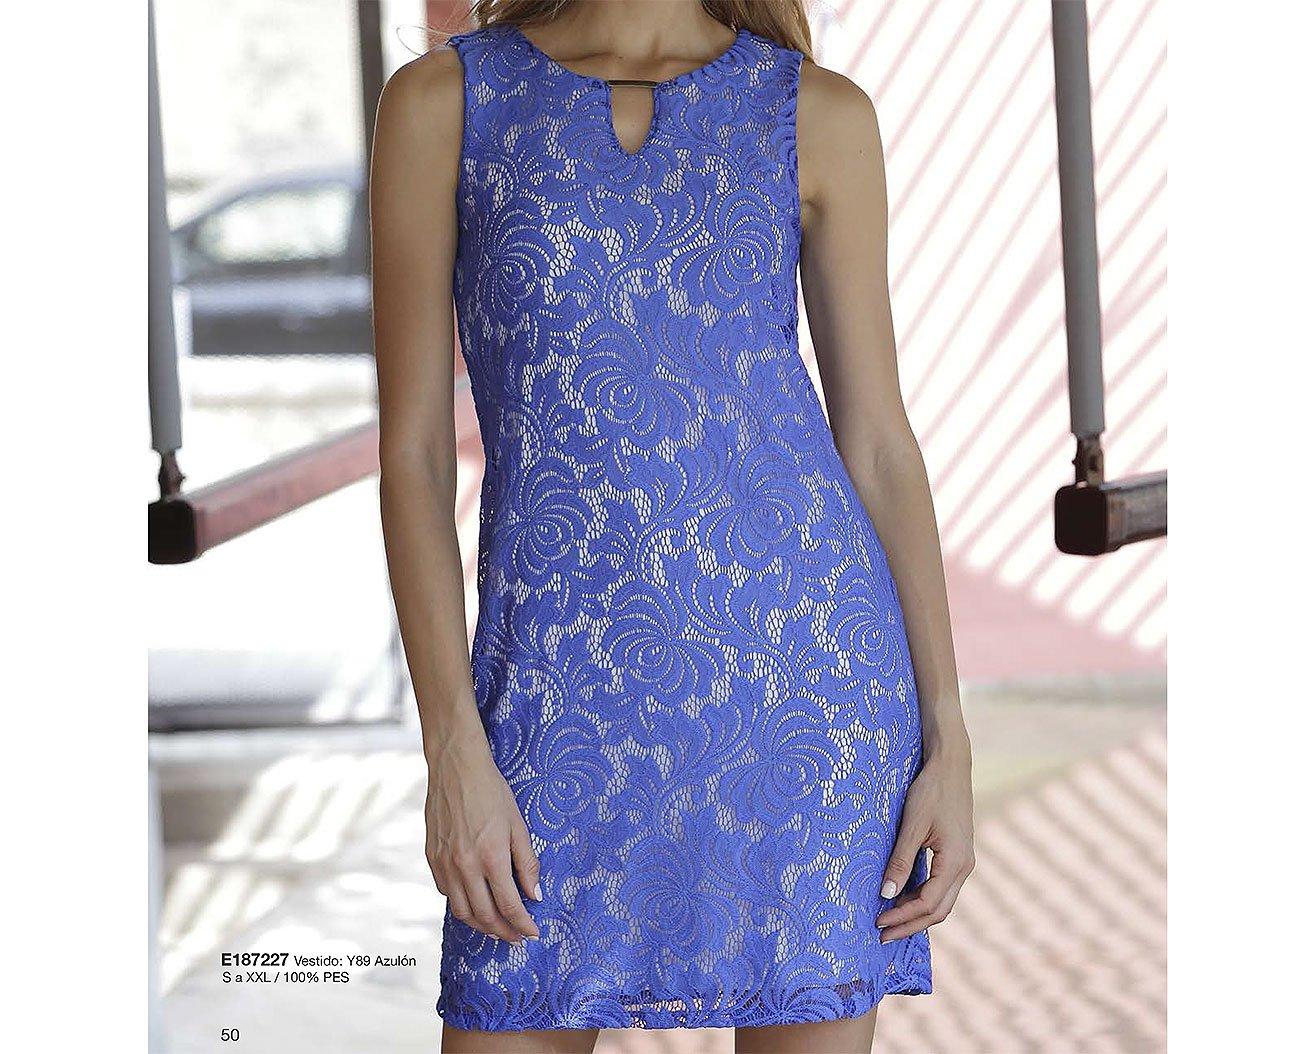 Massana E187227 sukienka azulón